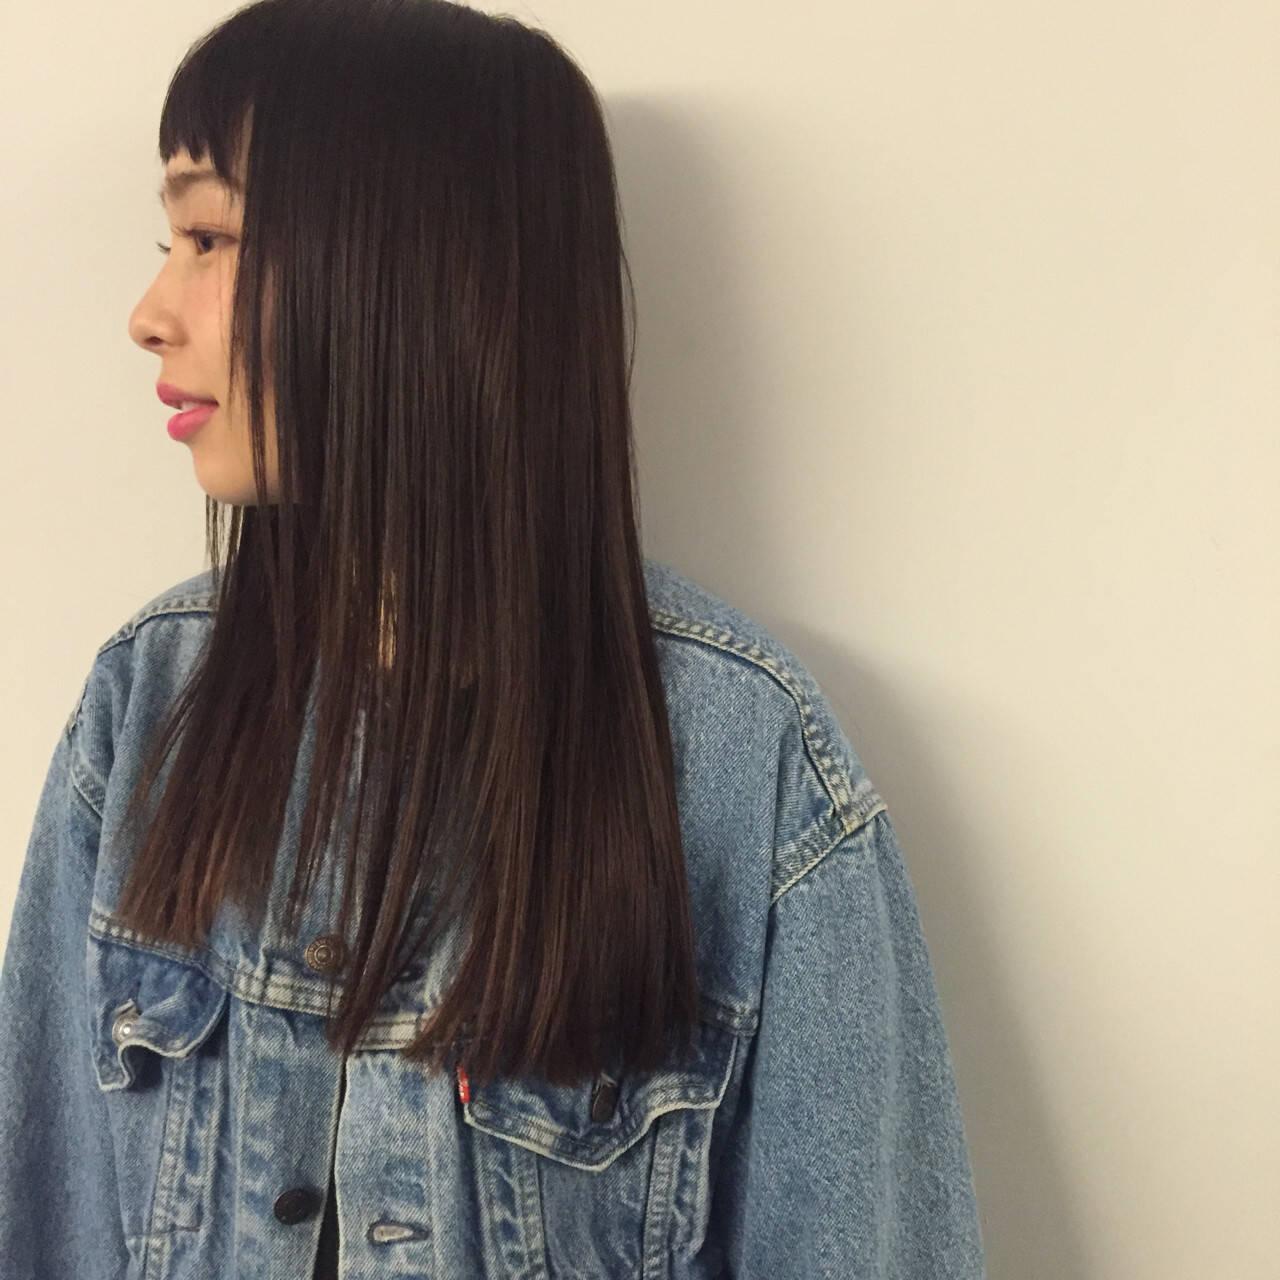 前髪あり 暗髪 ハイライト ロングヘアスタイルや髪型の写真・画像